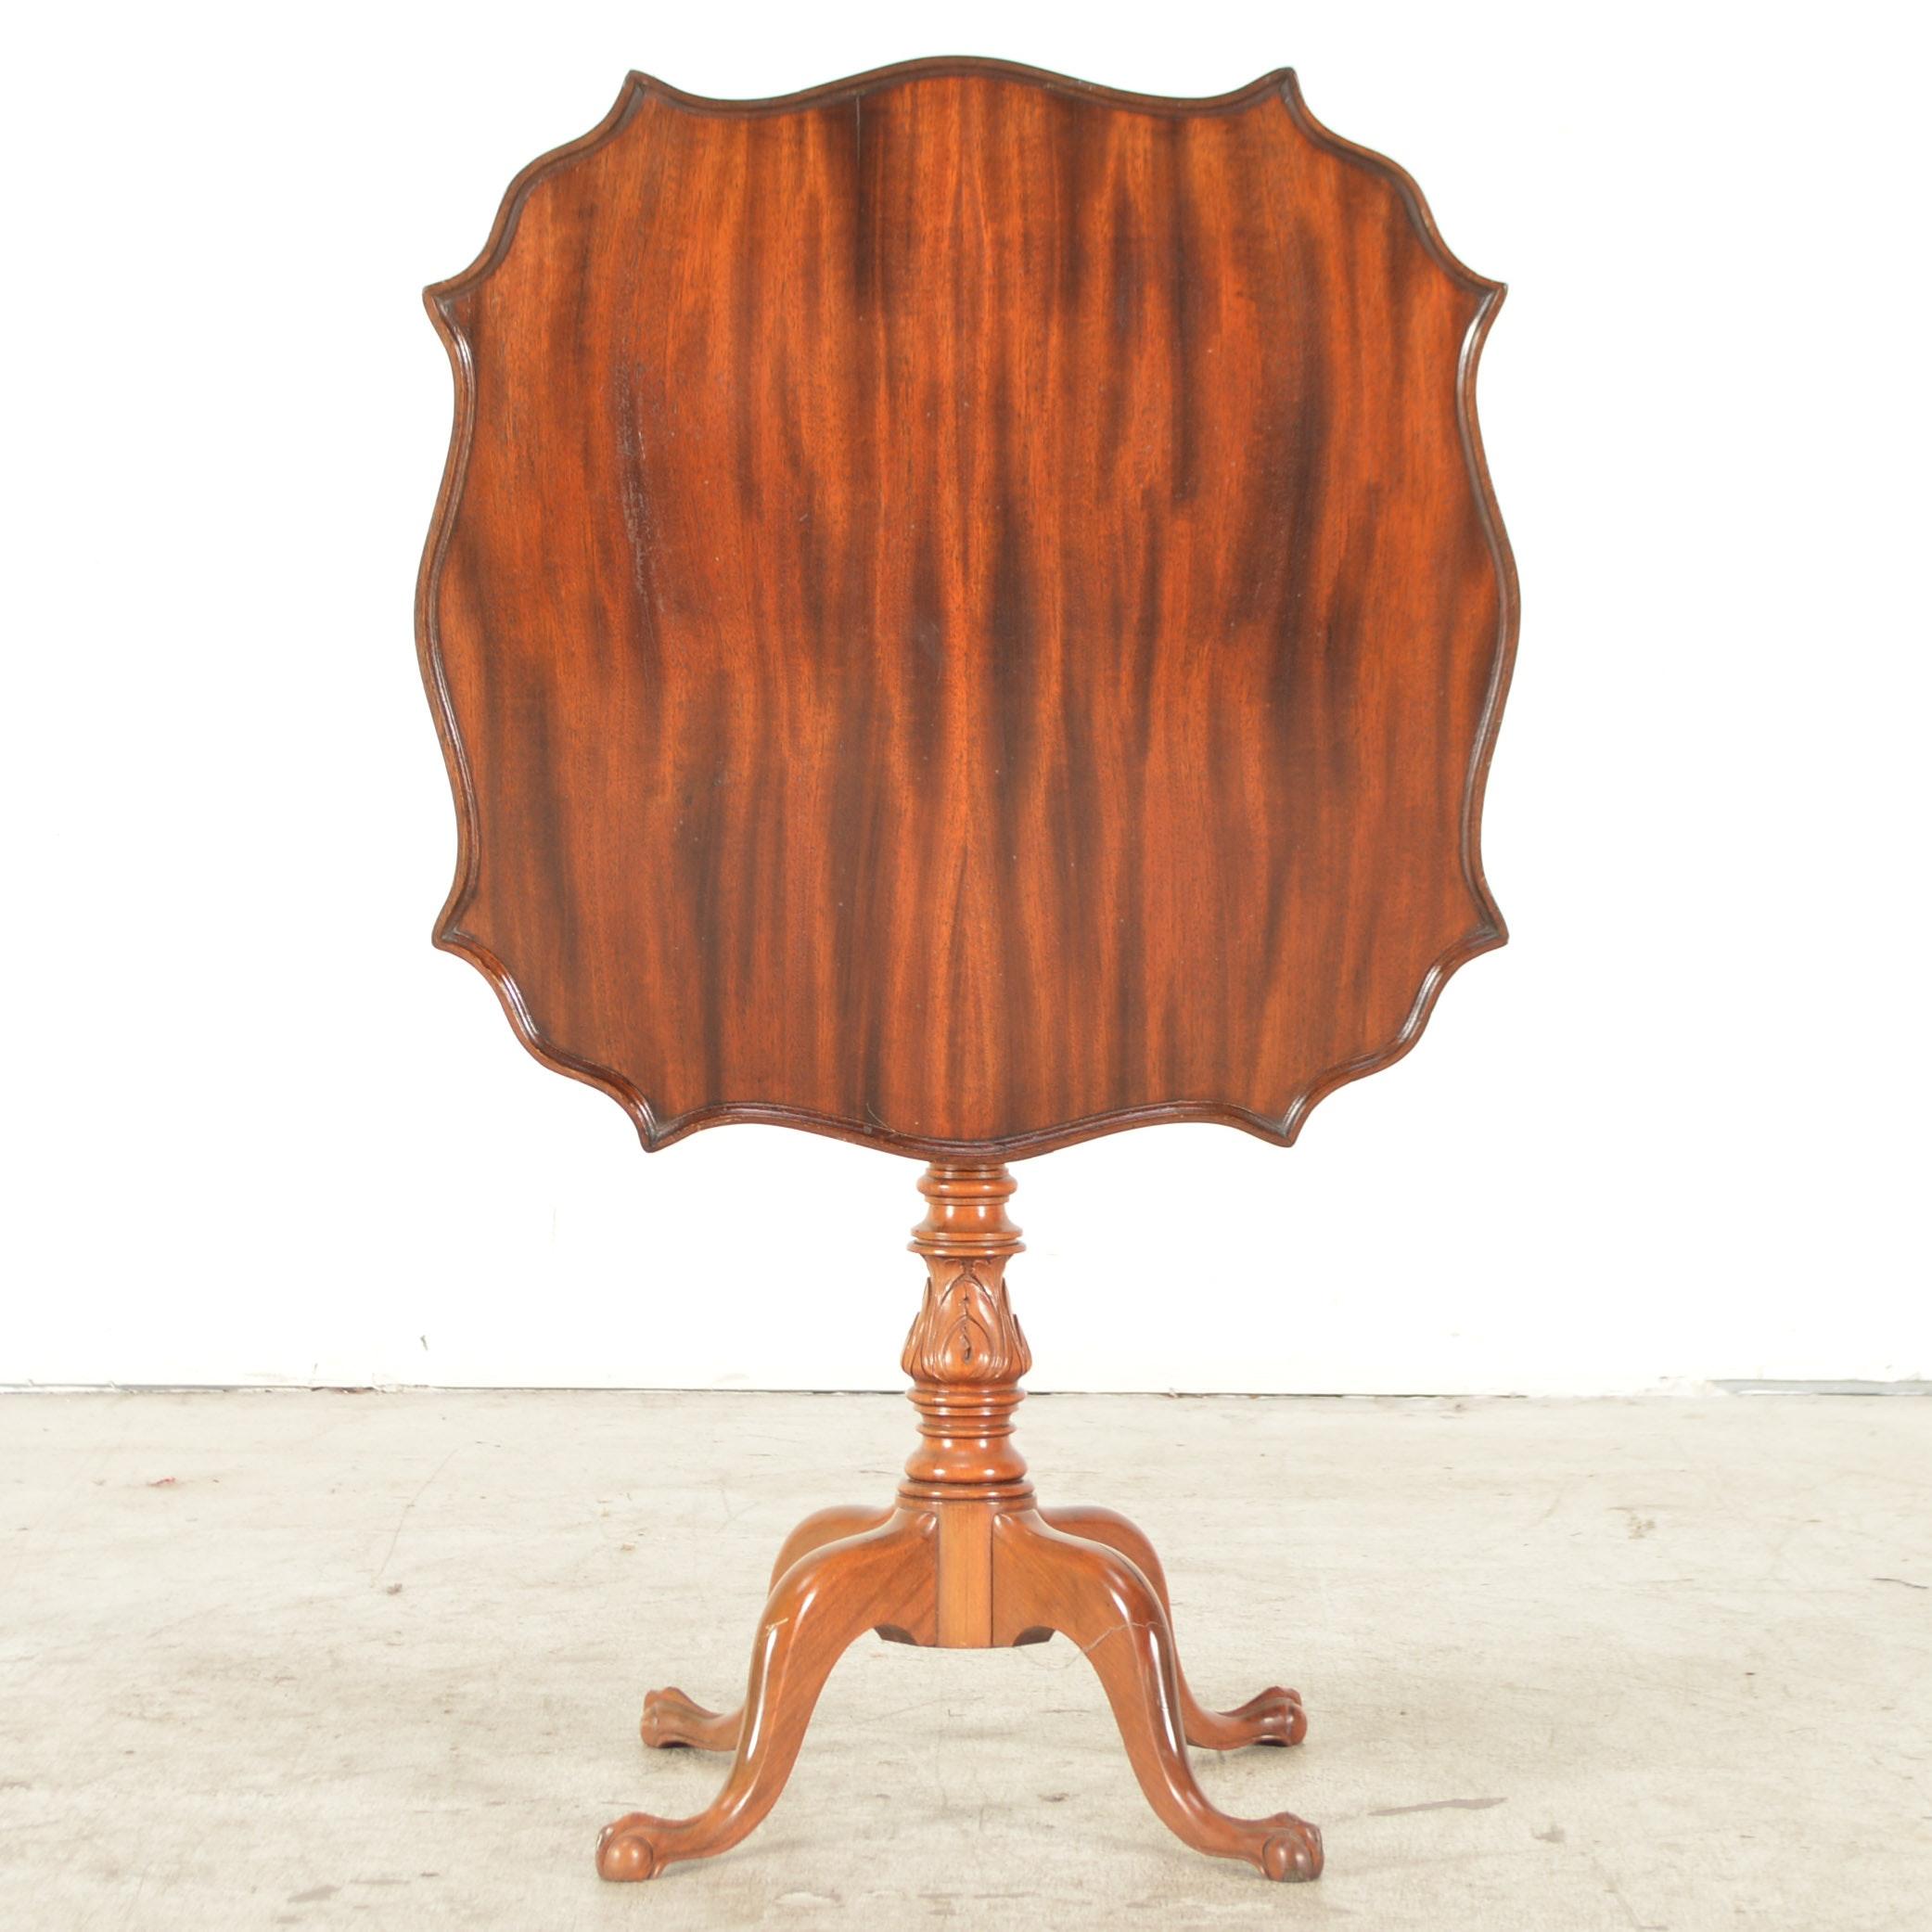 Mixed Wood Tilt Top Table